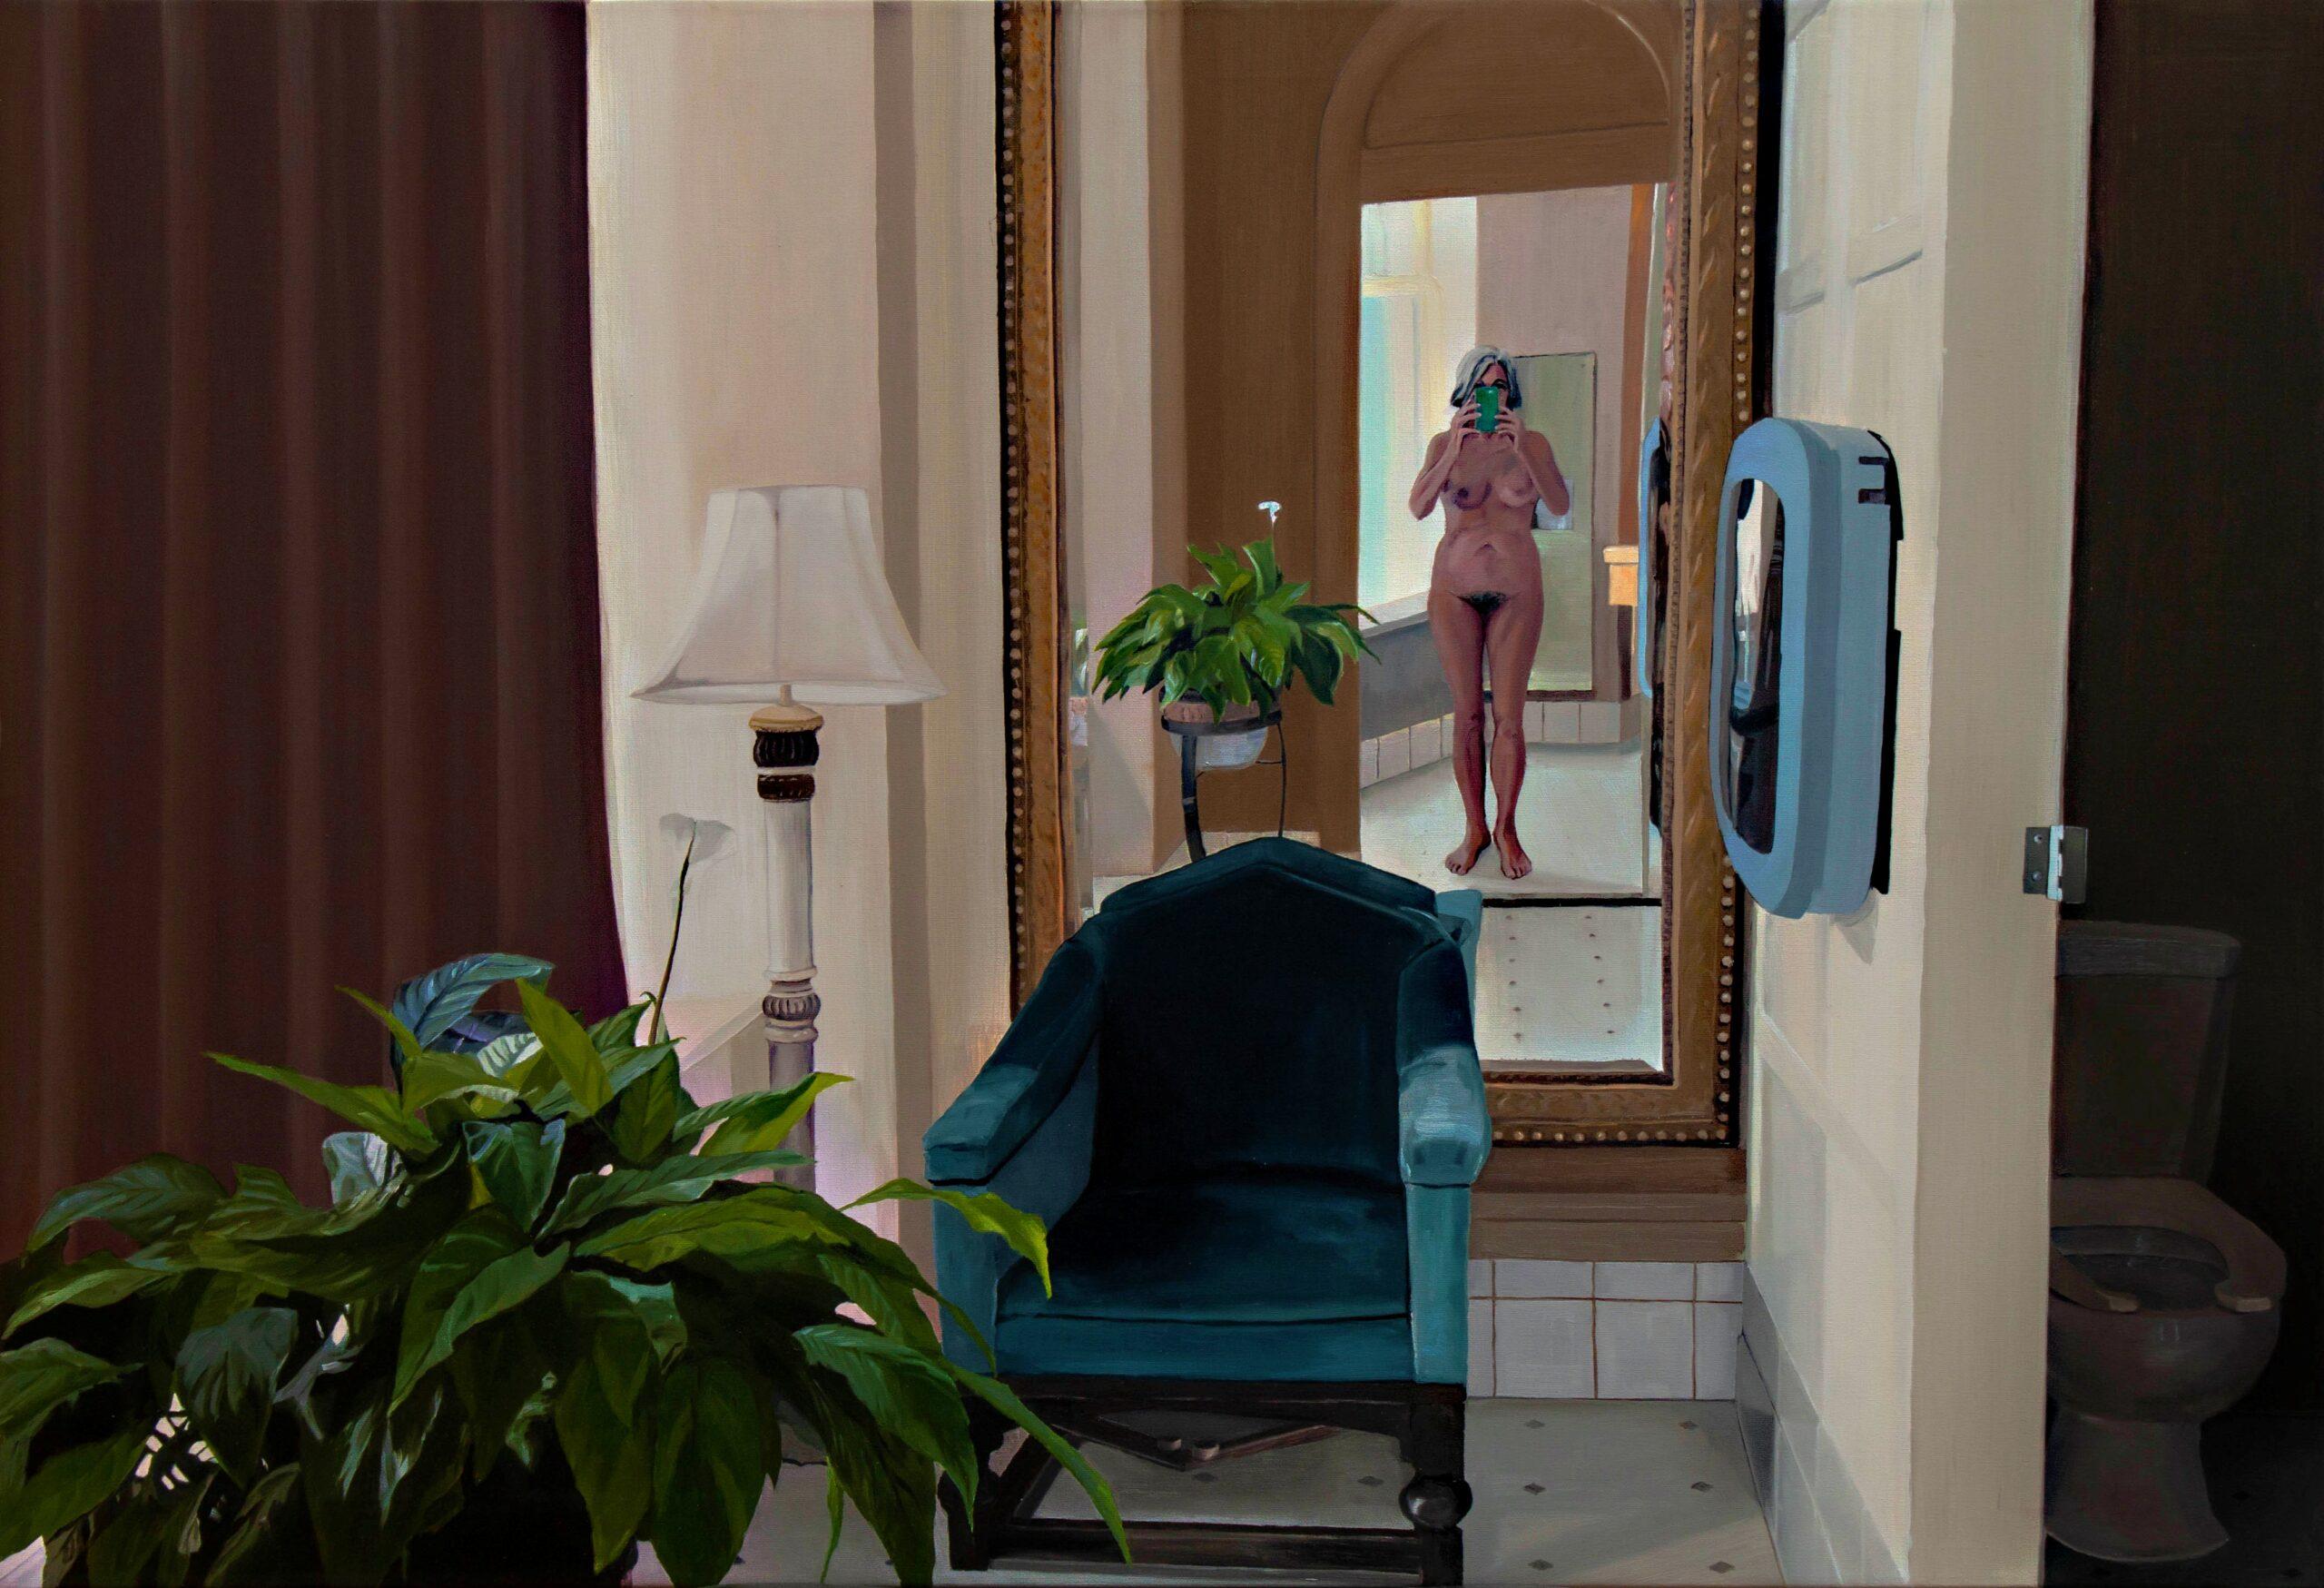 maleri af kvinde foran et spejl